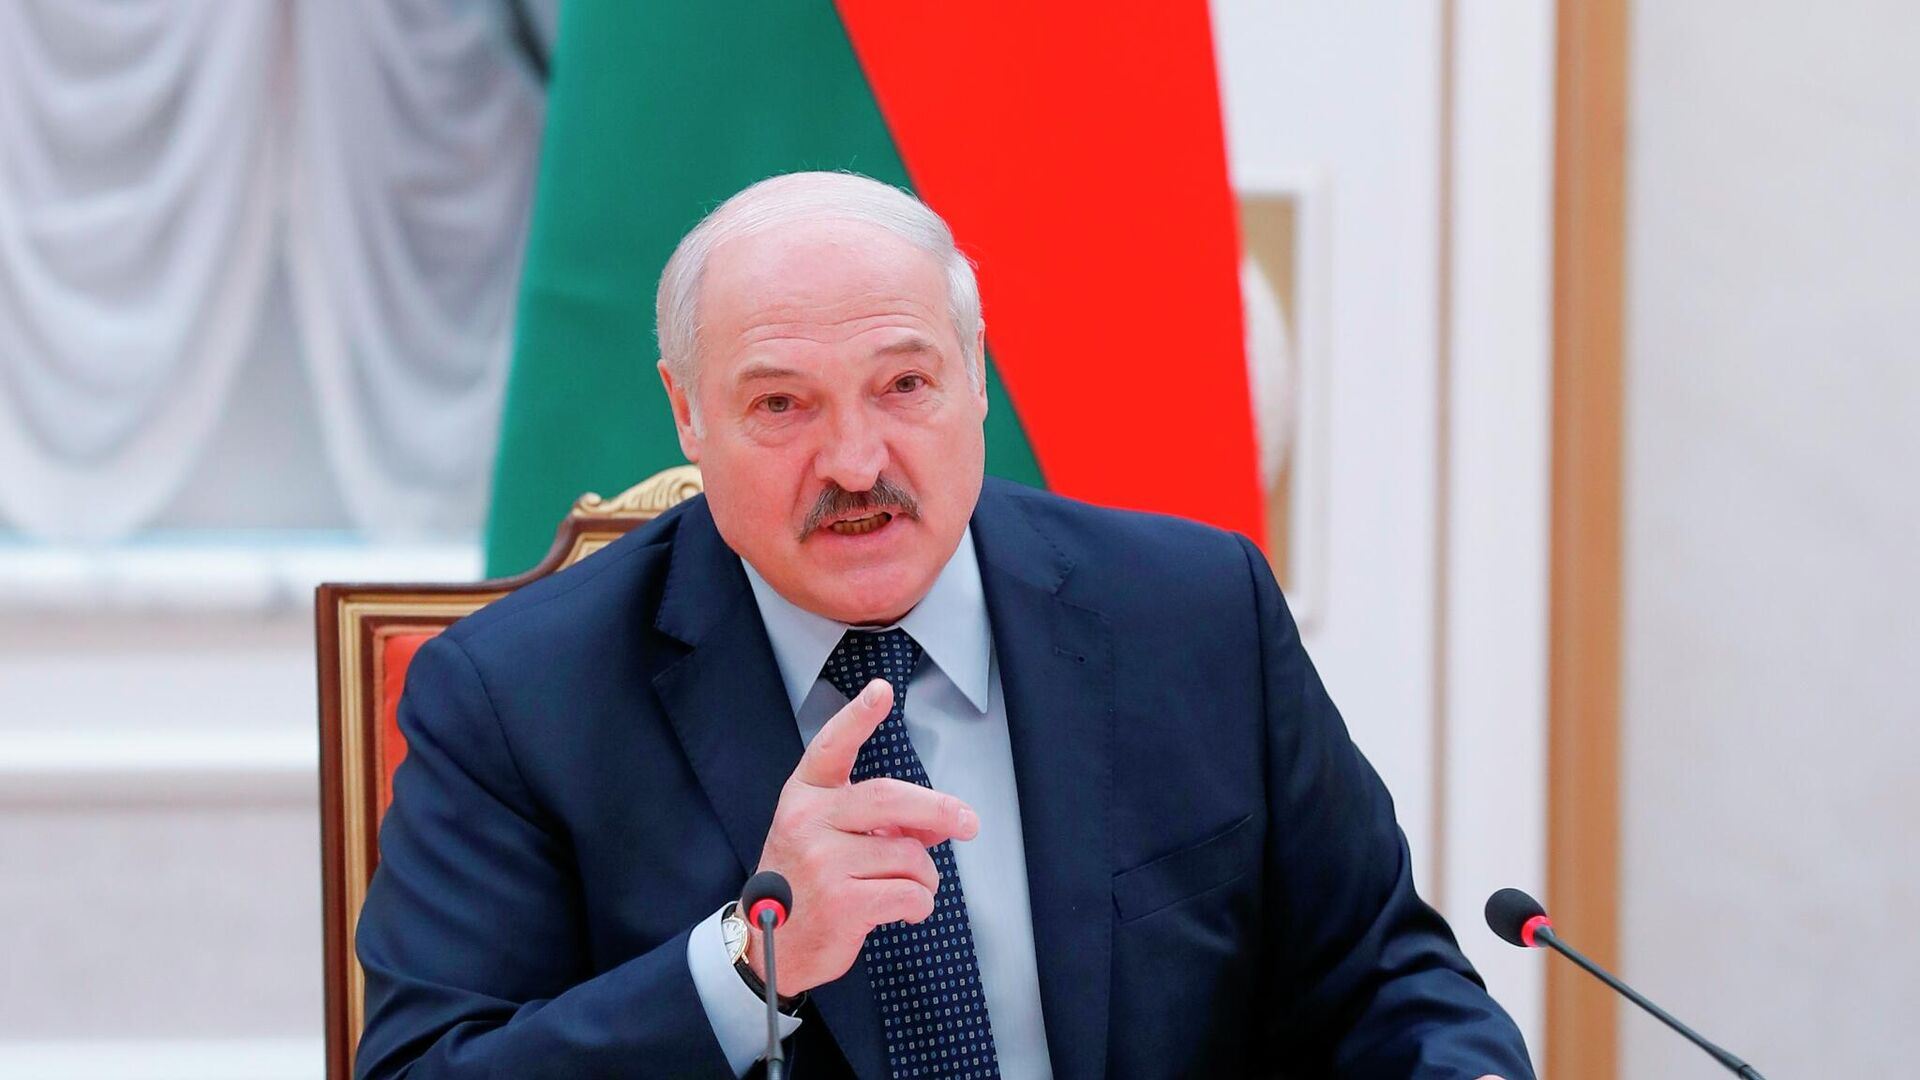 Президент Белоруссии Александр Лукашенко принимает участие в заседании Совета глав правительств СНГ - РИА Новости, 1920, 21.07.2021